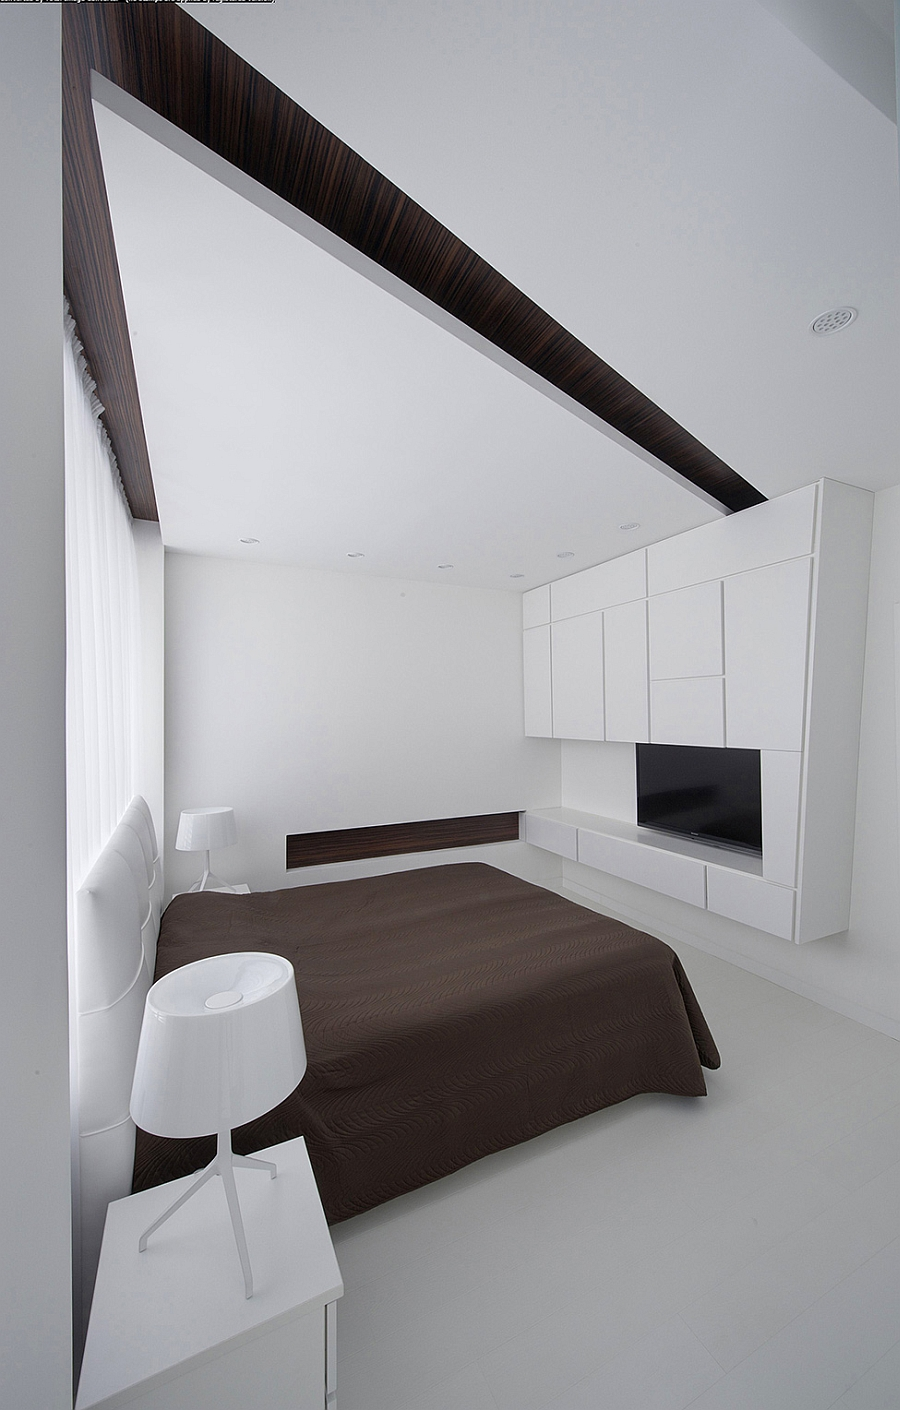 apartament-v-moskva-pokazva-zabelejitelen-dizain-8g